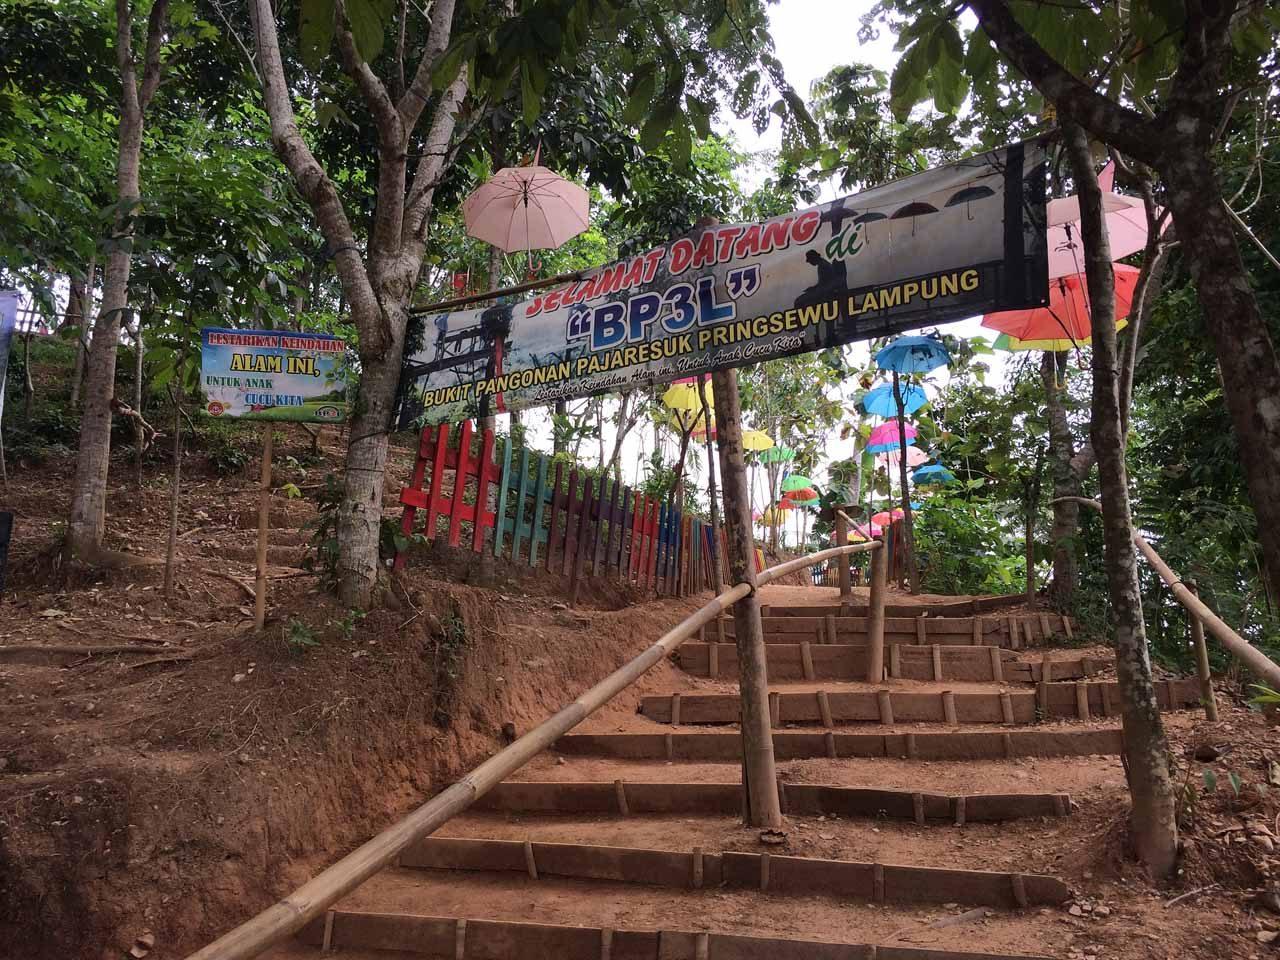 bukit pangonan - tempat wisata di pringsewu - yopie pangkey - 17